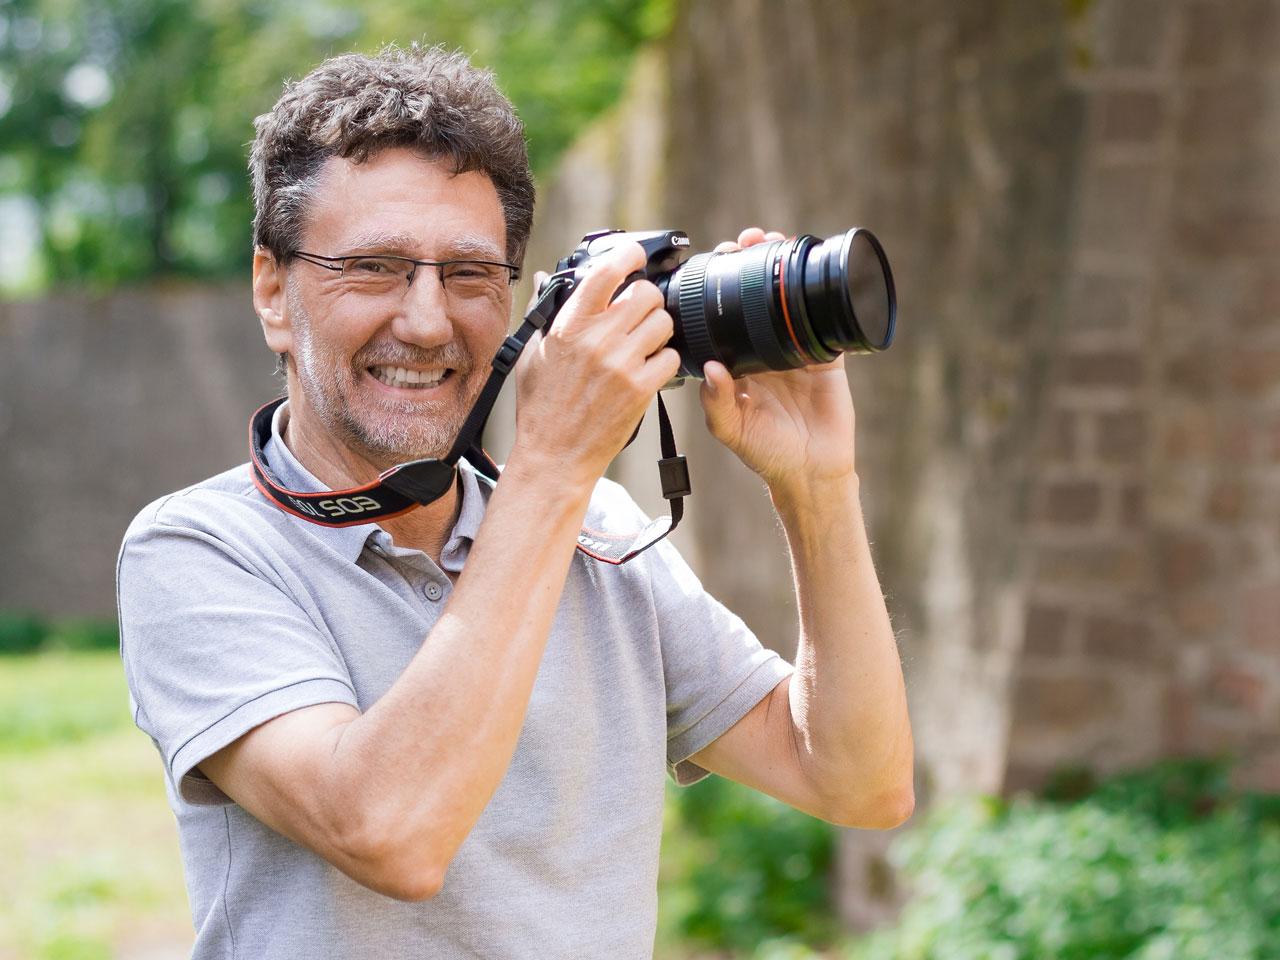 manfred-giebenhain-reisejournalismus